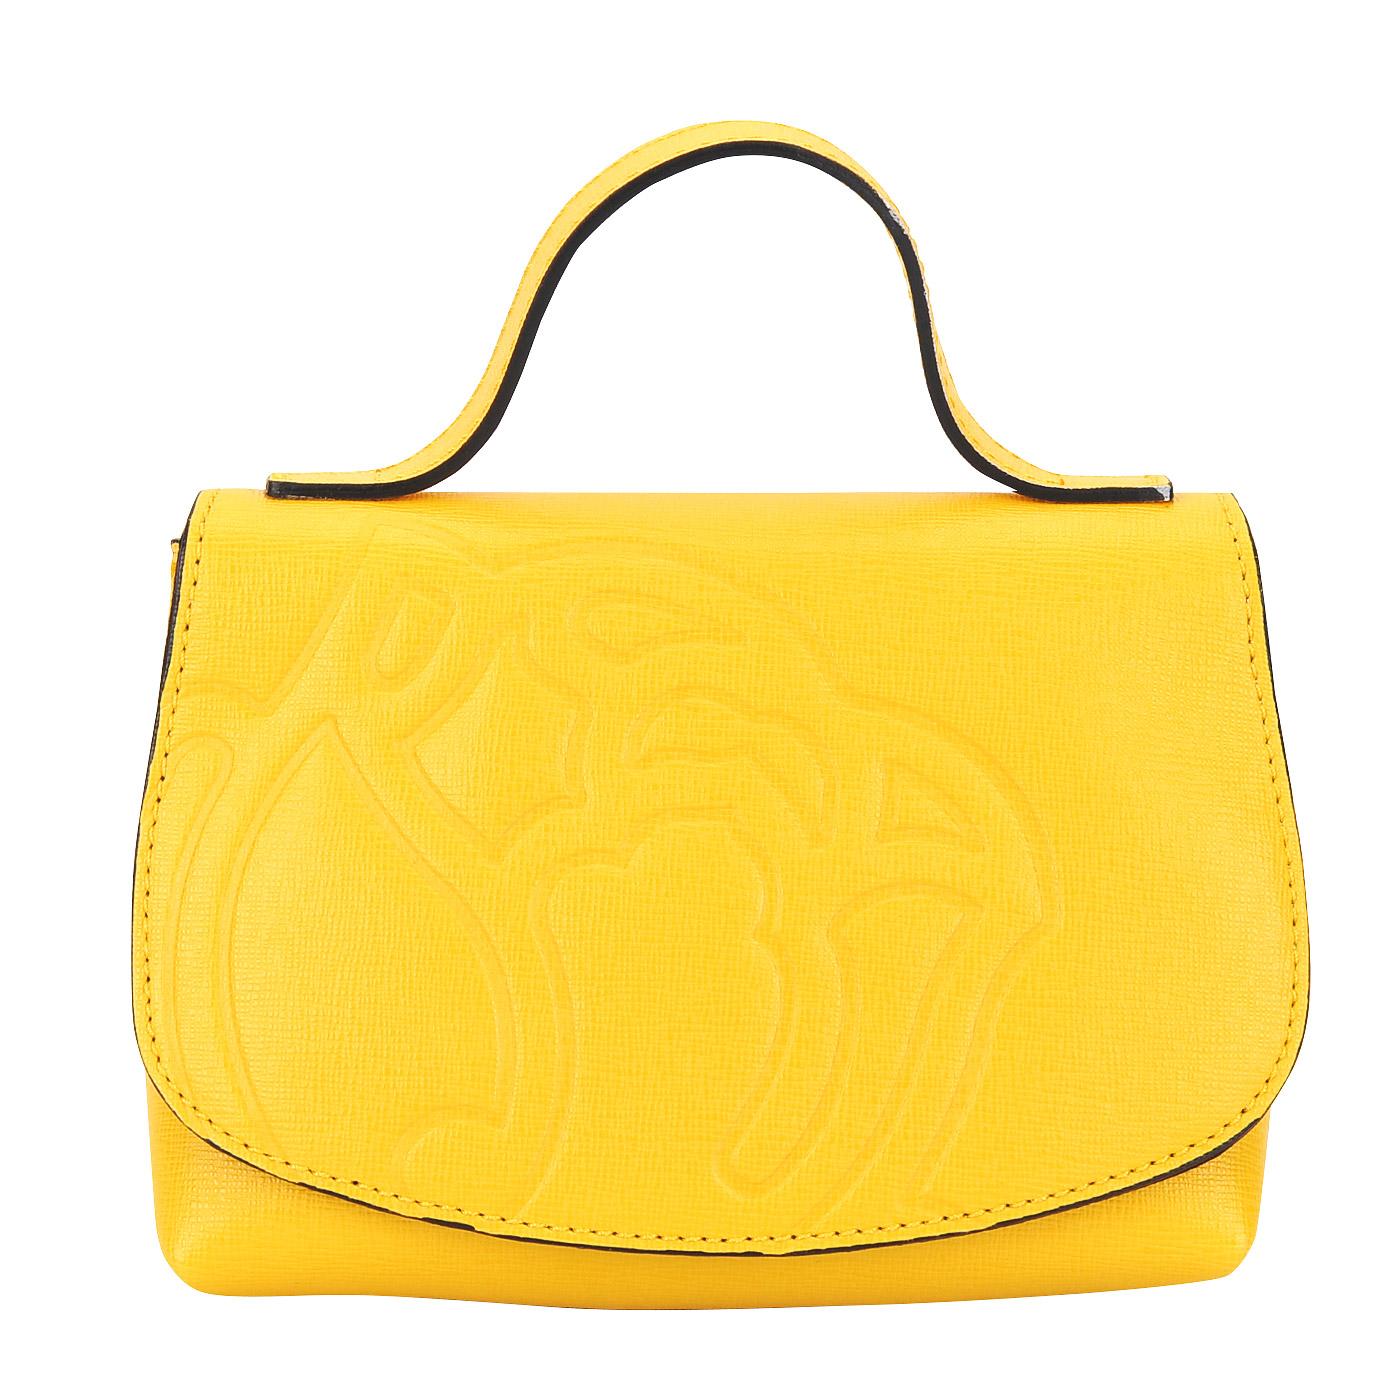 7d806c0d7ee5 Женская кожаная сумка Braccialini Ninfea Женская кожаная сумка Braccialini  Ninfea ...